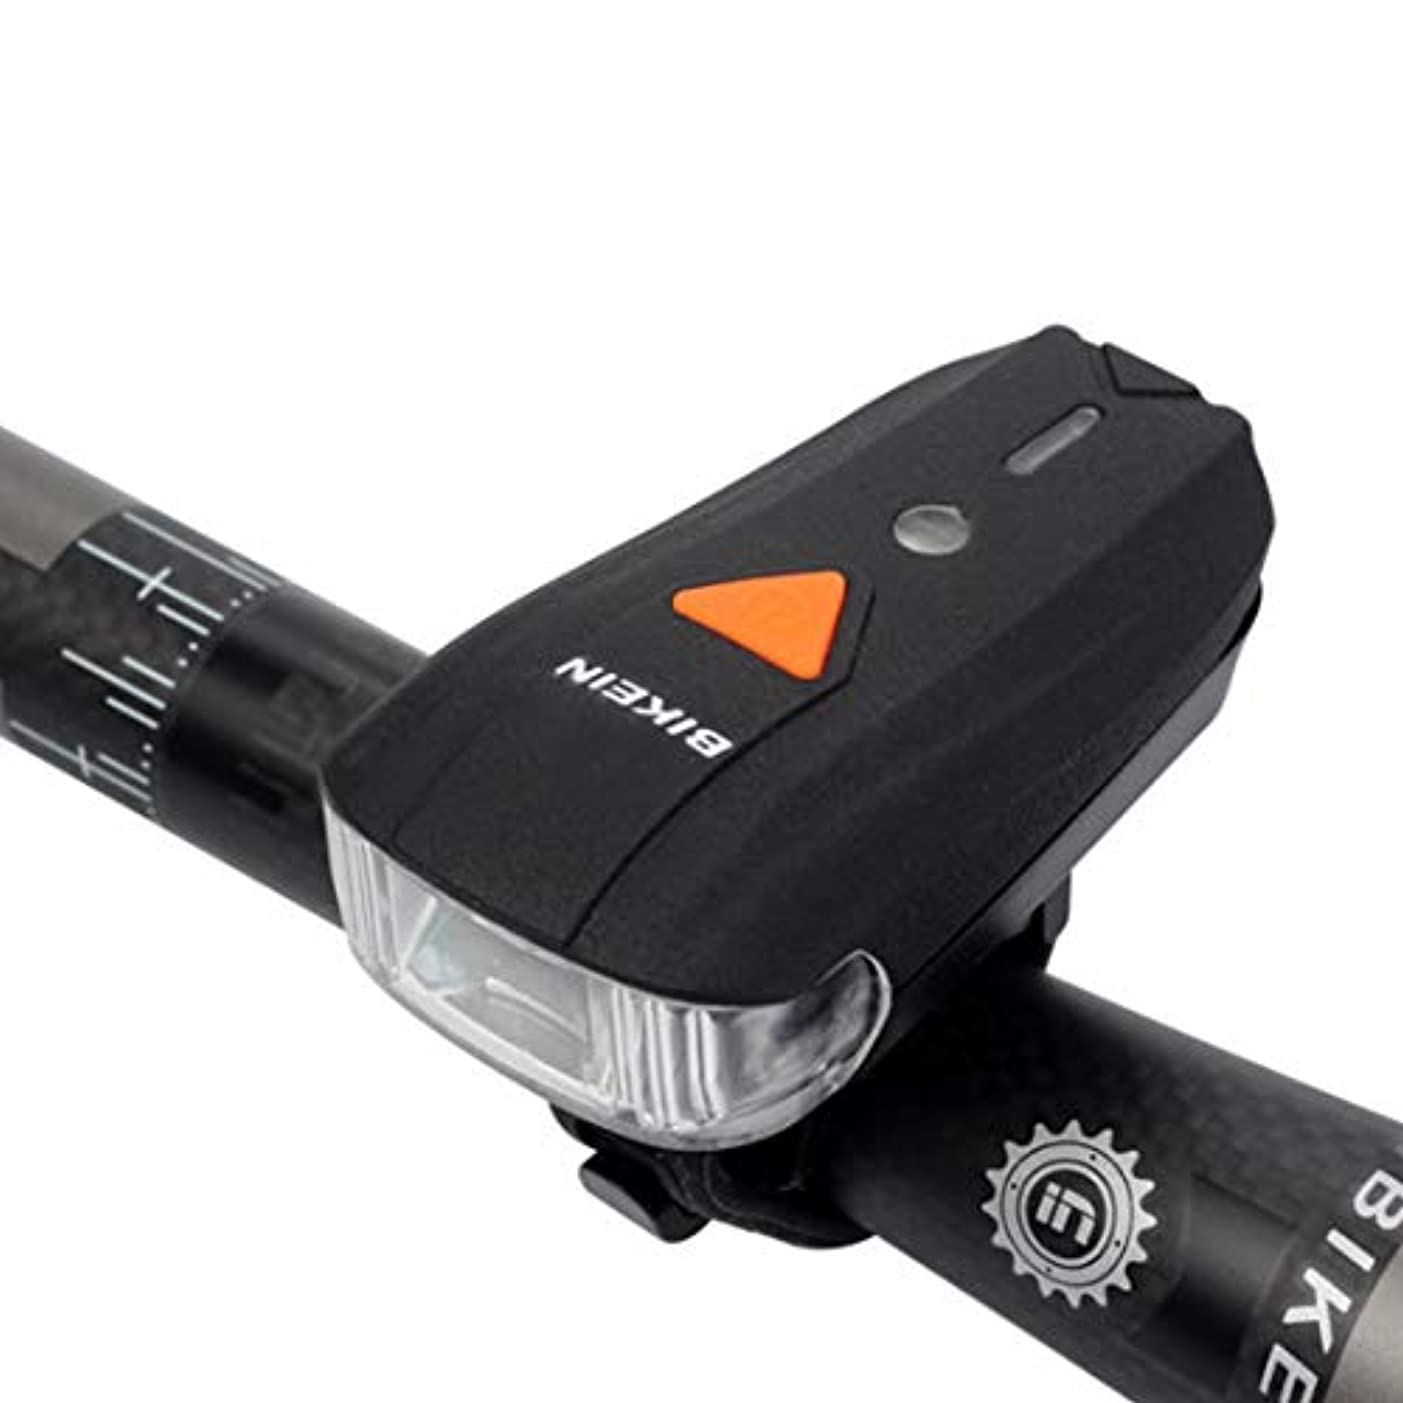 ハンドブック南怒ってJhcpca 自転車ヘッドライトマウンテンバイクアクセサリー照明サイクリング機器USB充電夜間照明ライト警告灯